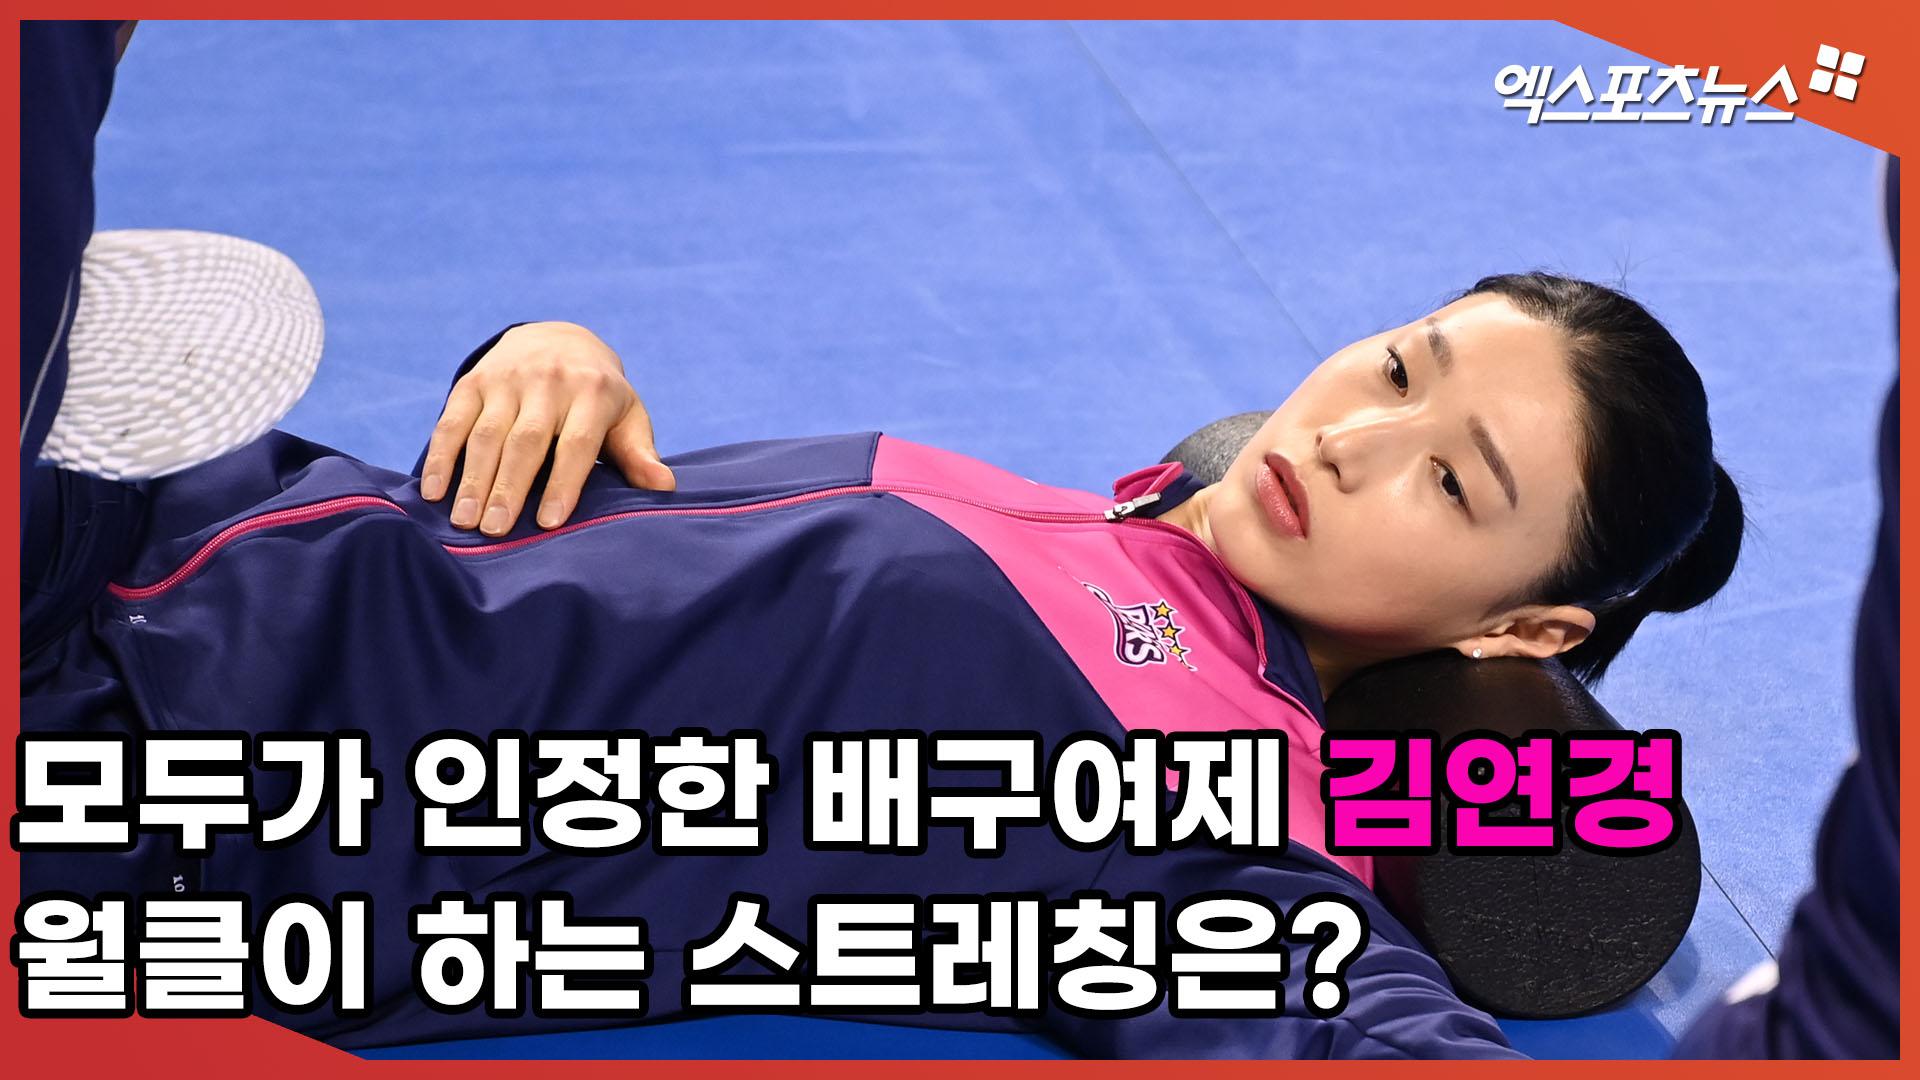 모두가 인정한 배구여제 김연경, 월클이 하는 스트레칭은? [엑's 스케치]